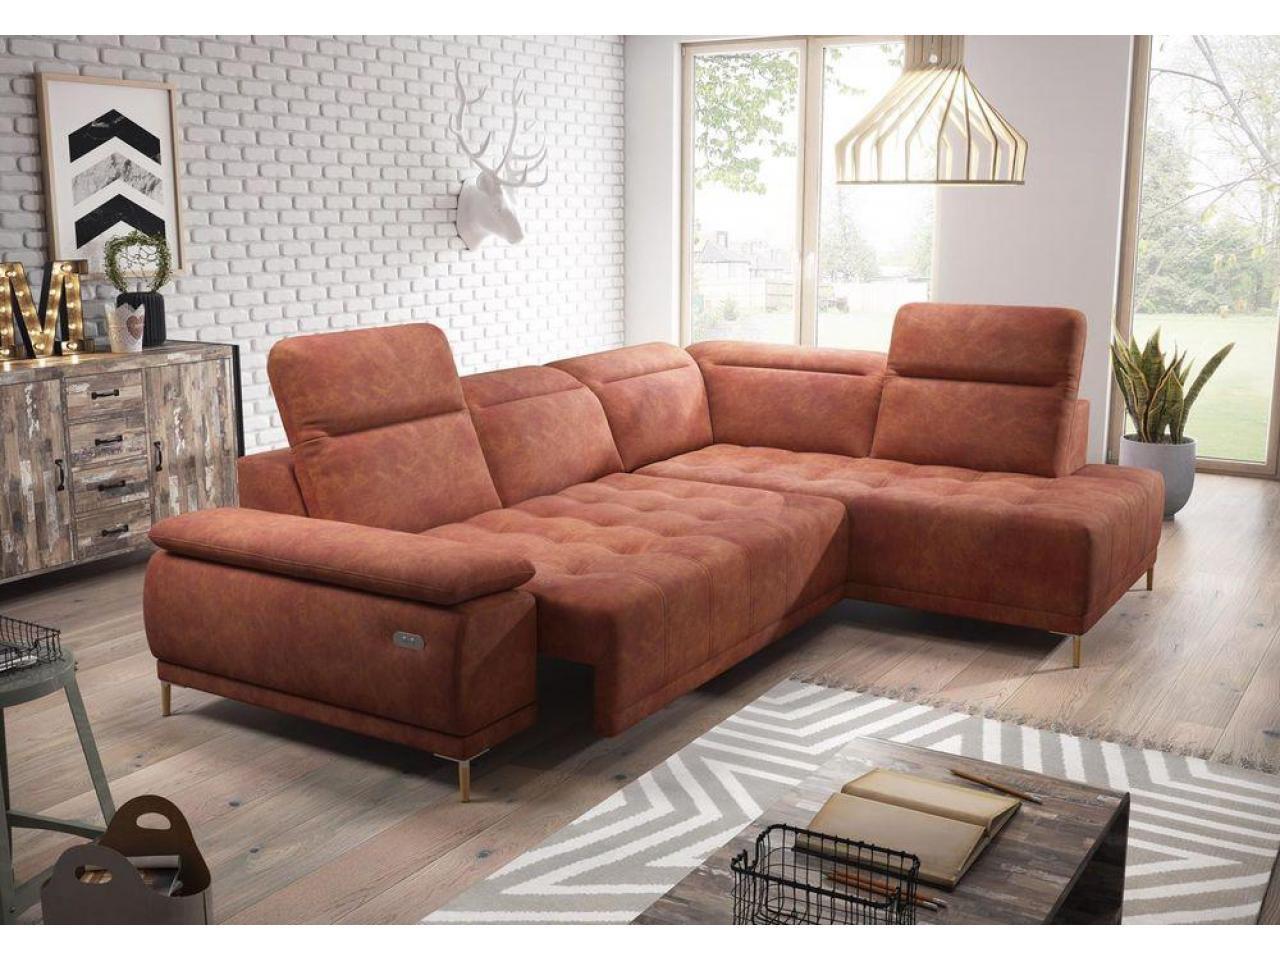 Furnipol-Польская мебель для дома - 1